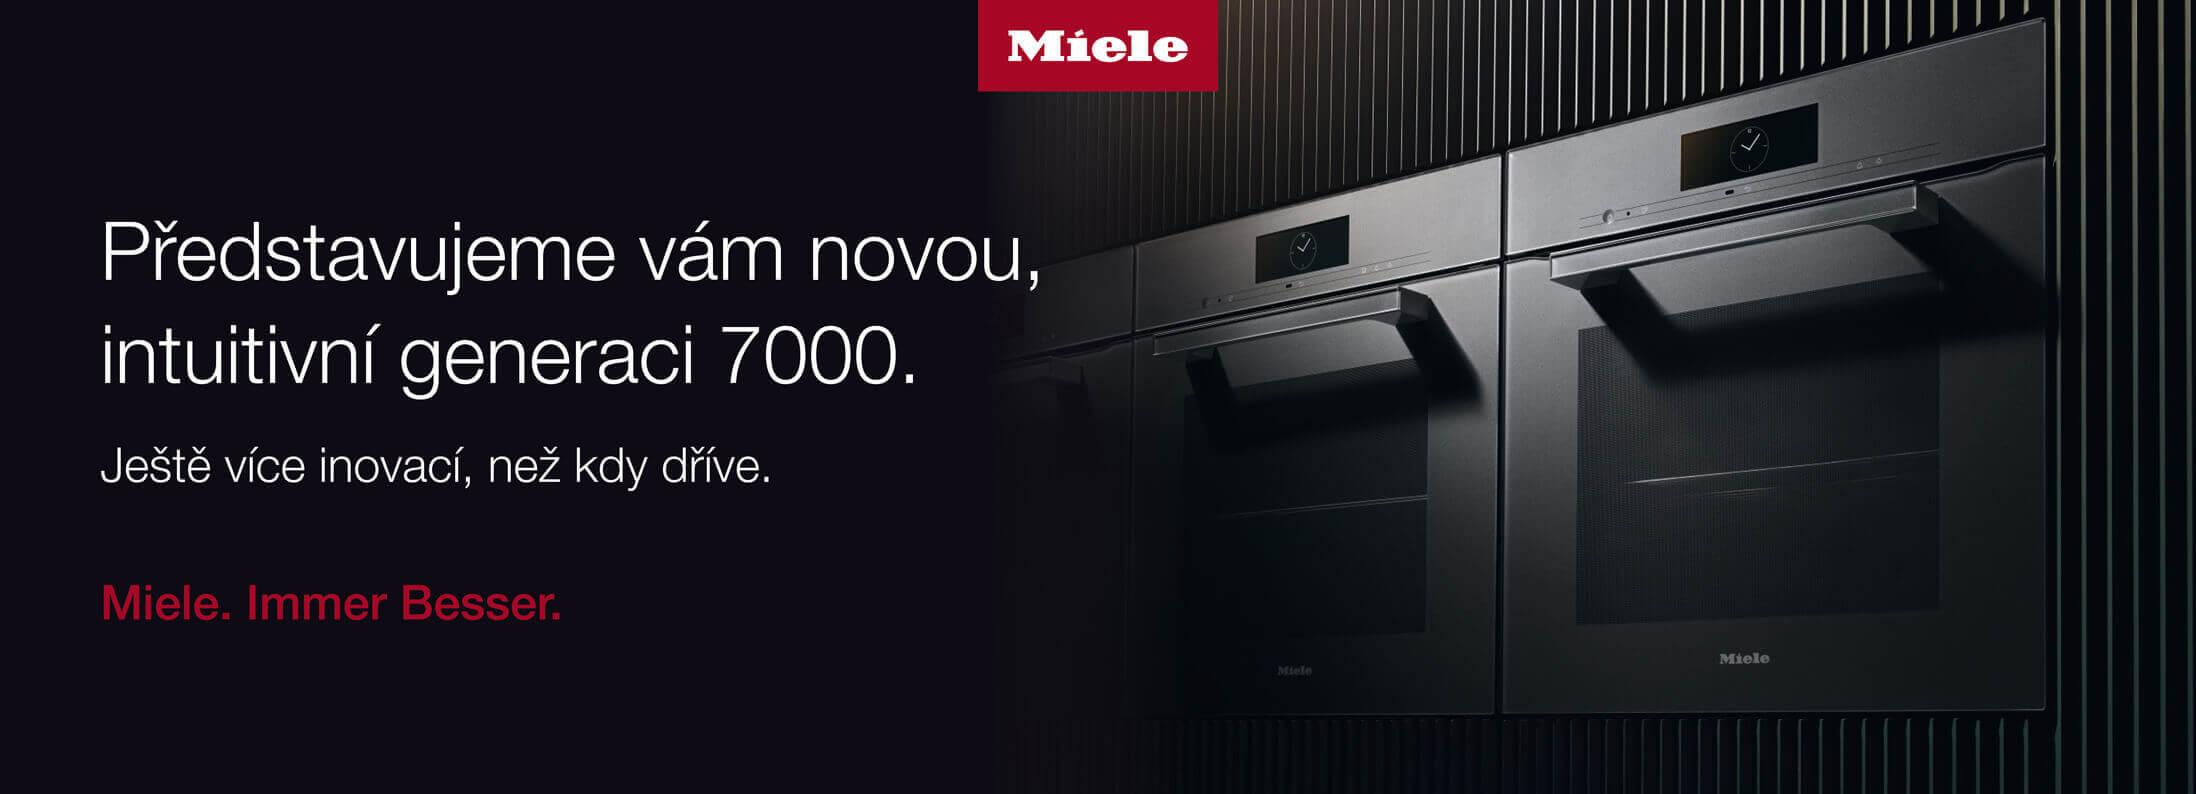 Miele - Nová intuitivní generace 7000